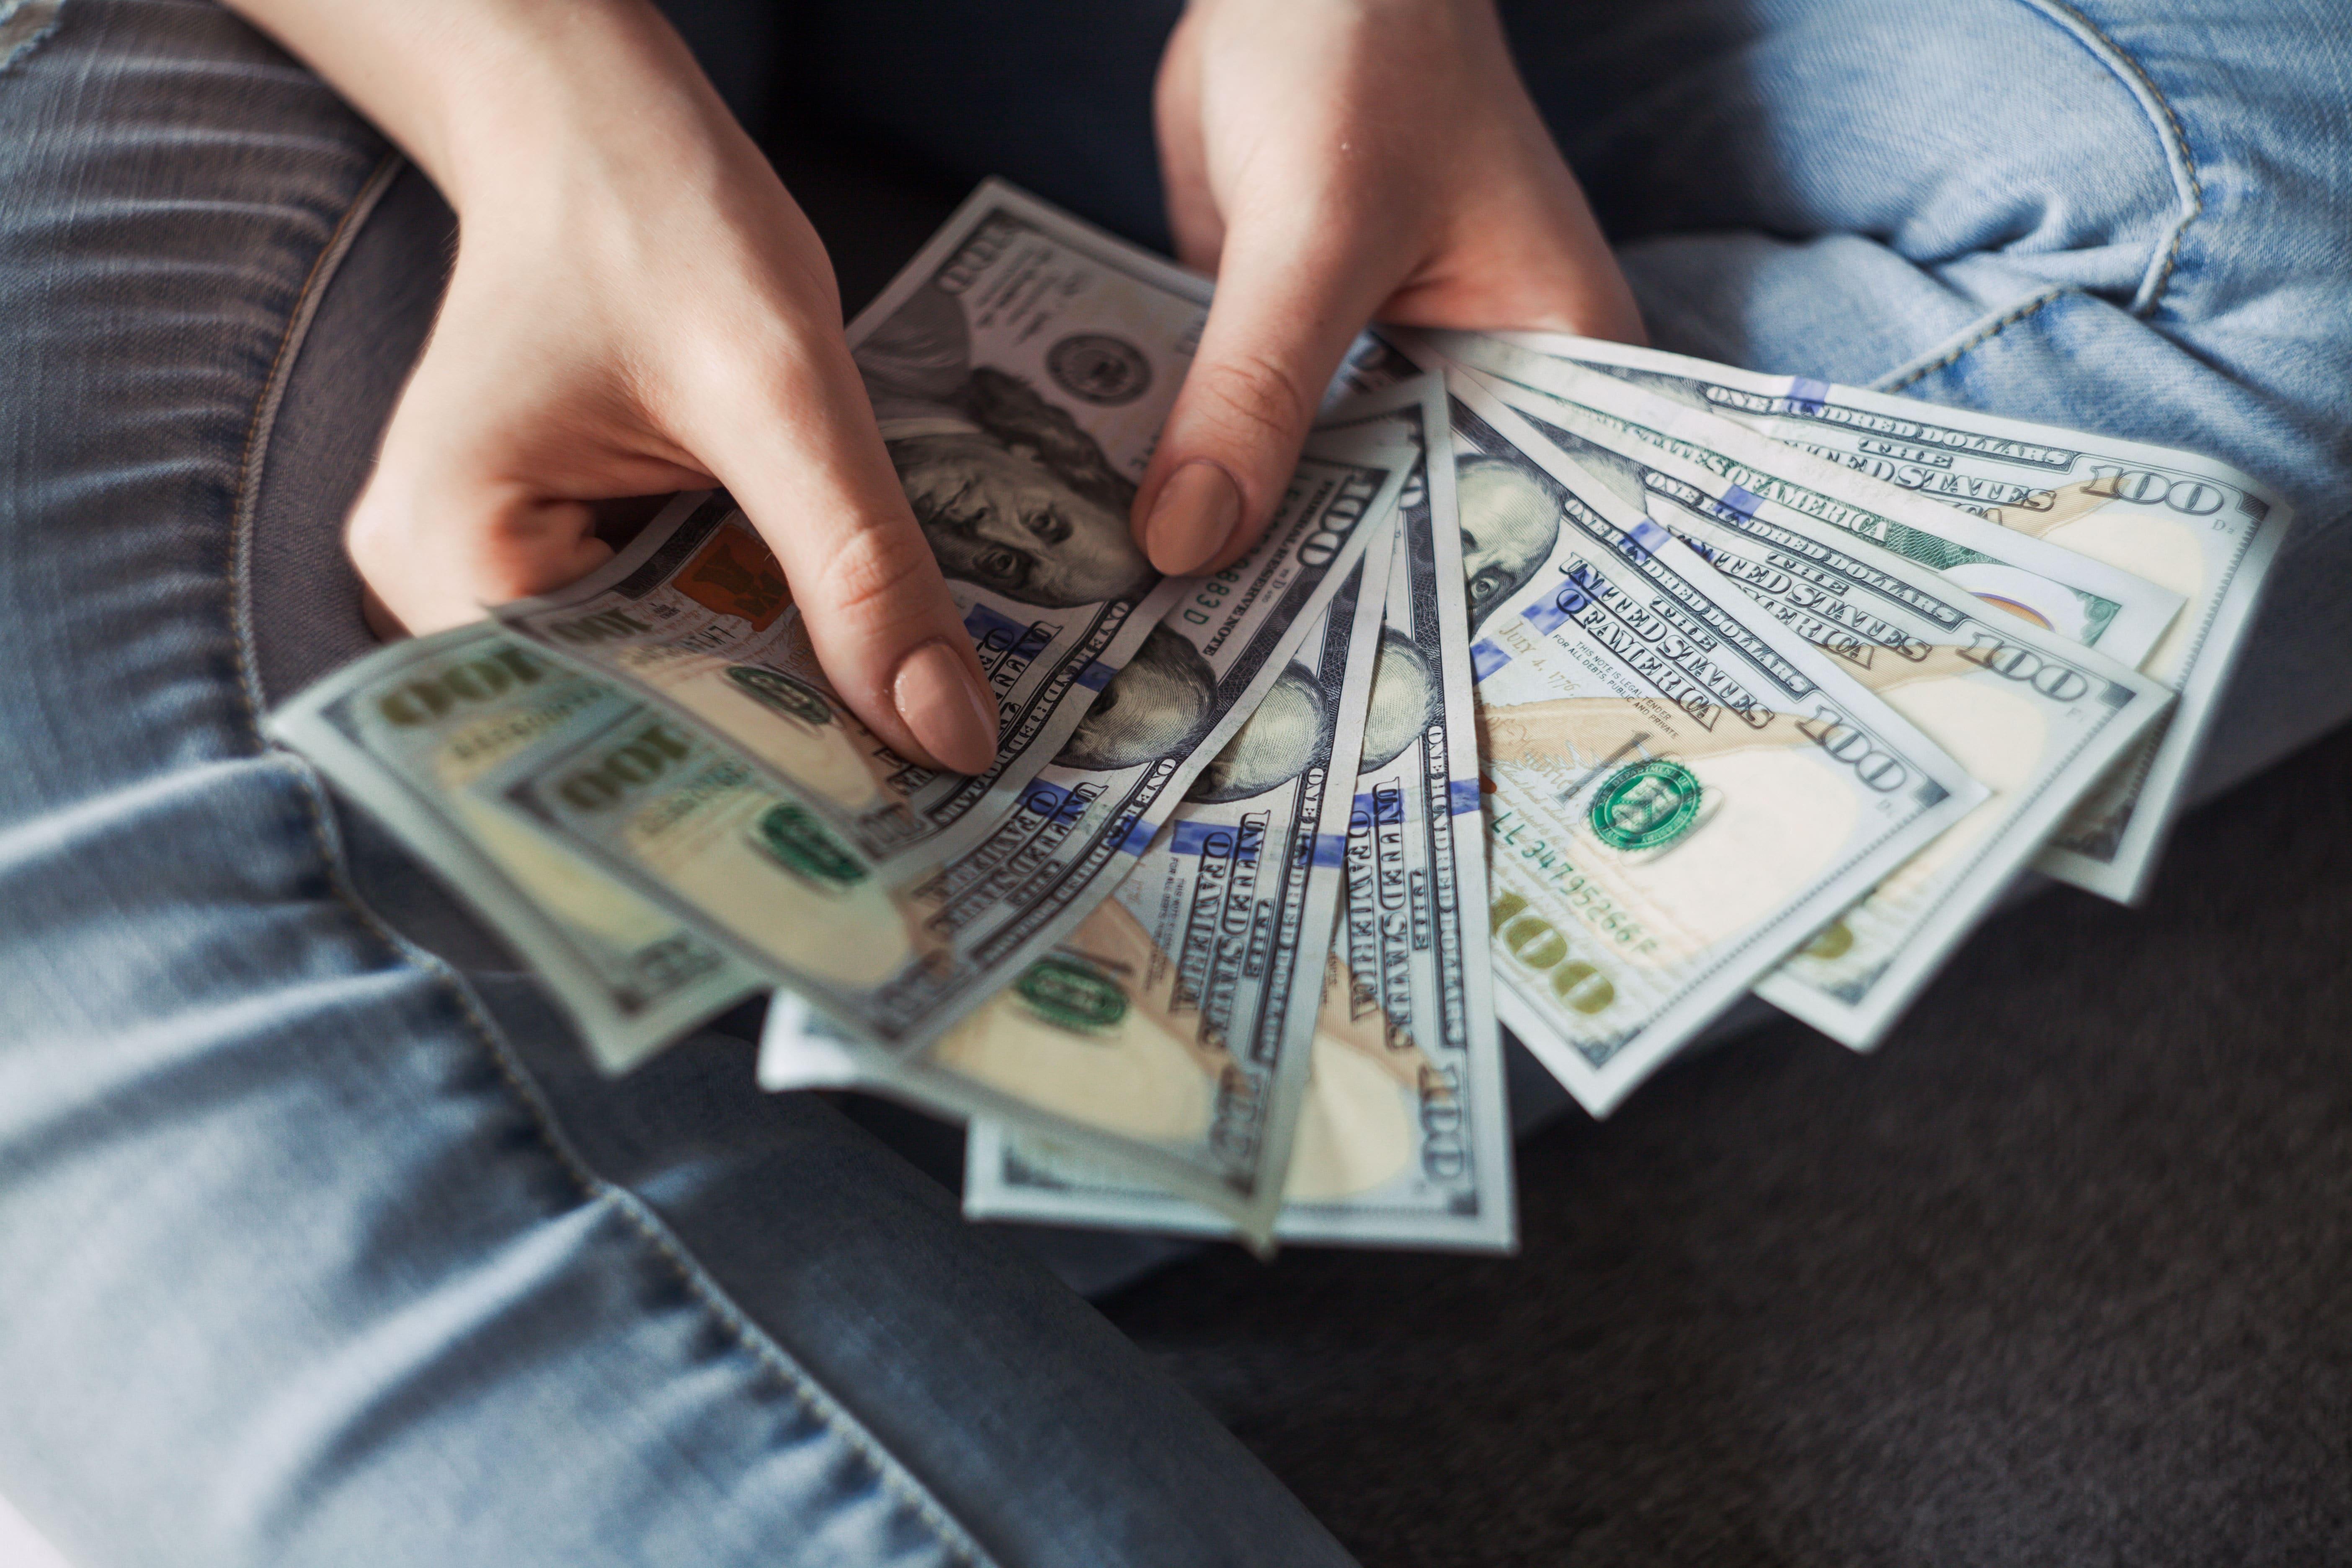 【プロが実践】コスト削減を実現する2つの方法とは?